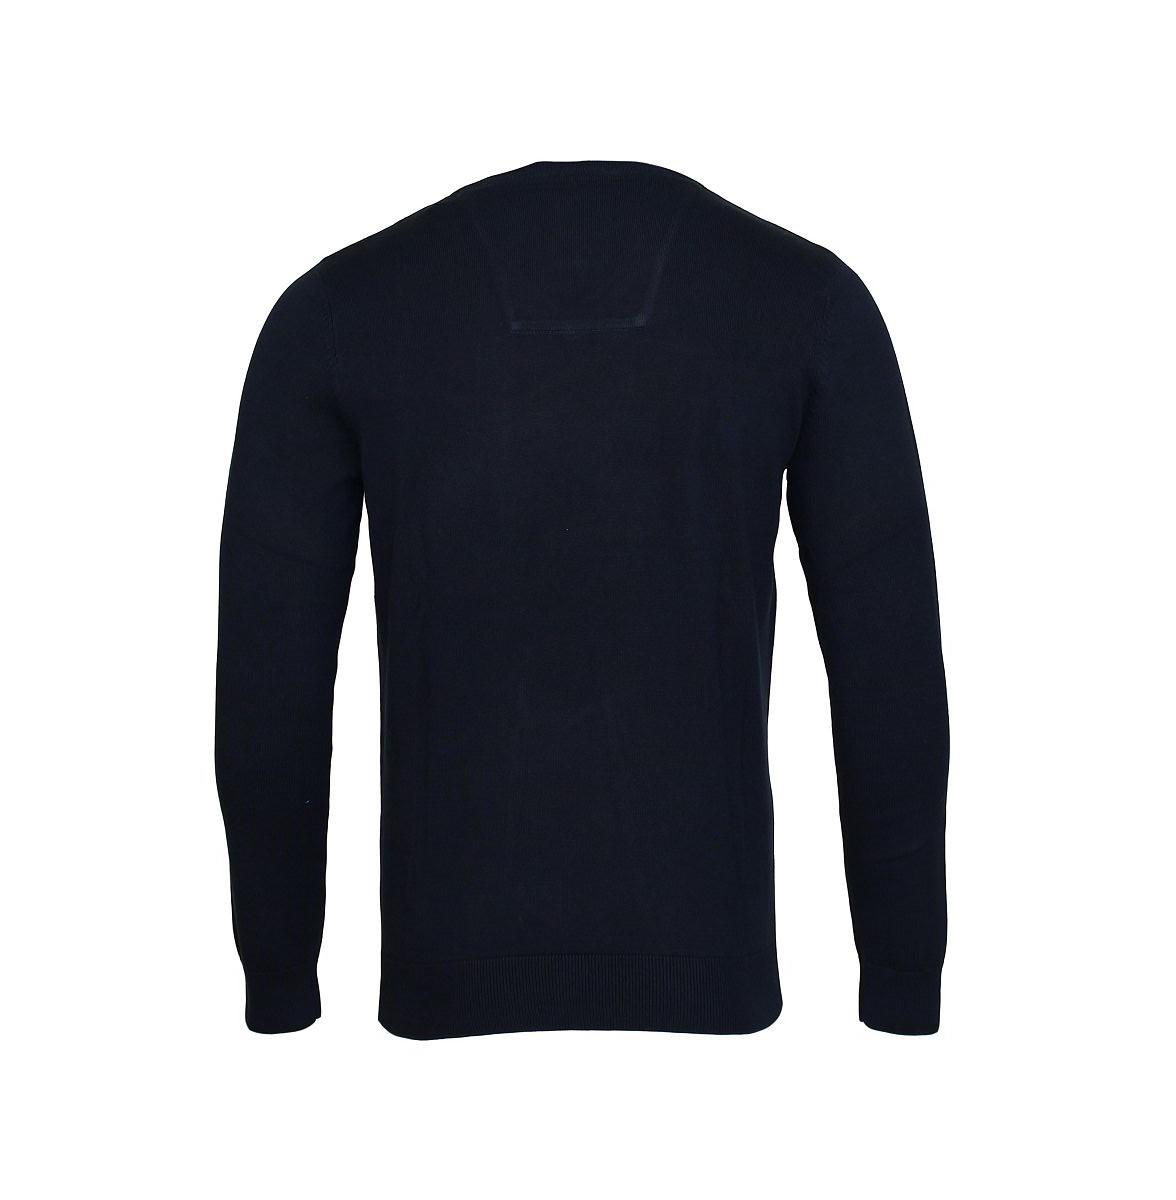 Tom Tailor Pullover V-Ausschnitt Herrenpullover Sweater 30197320910 6800 knitted navy